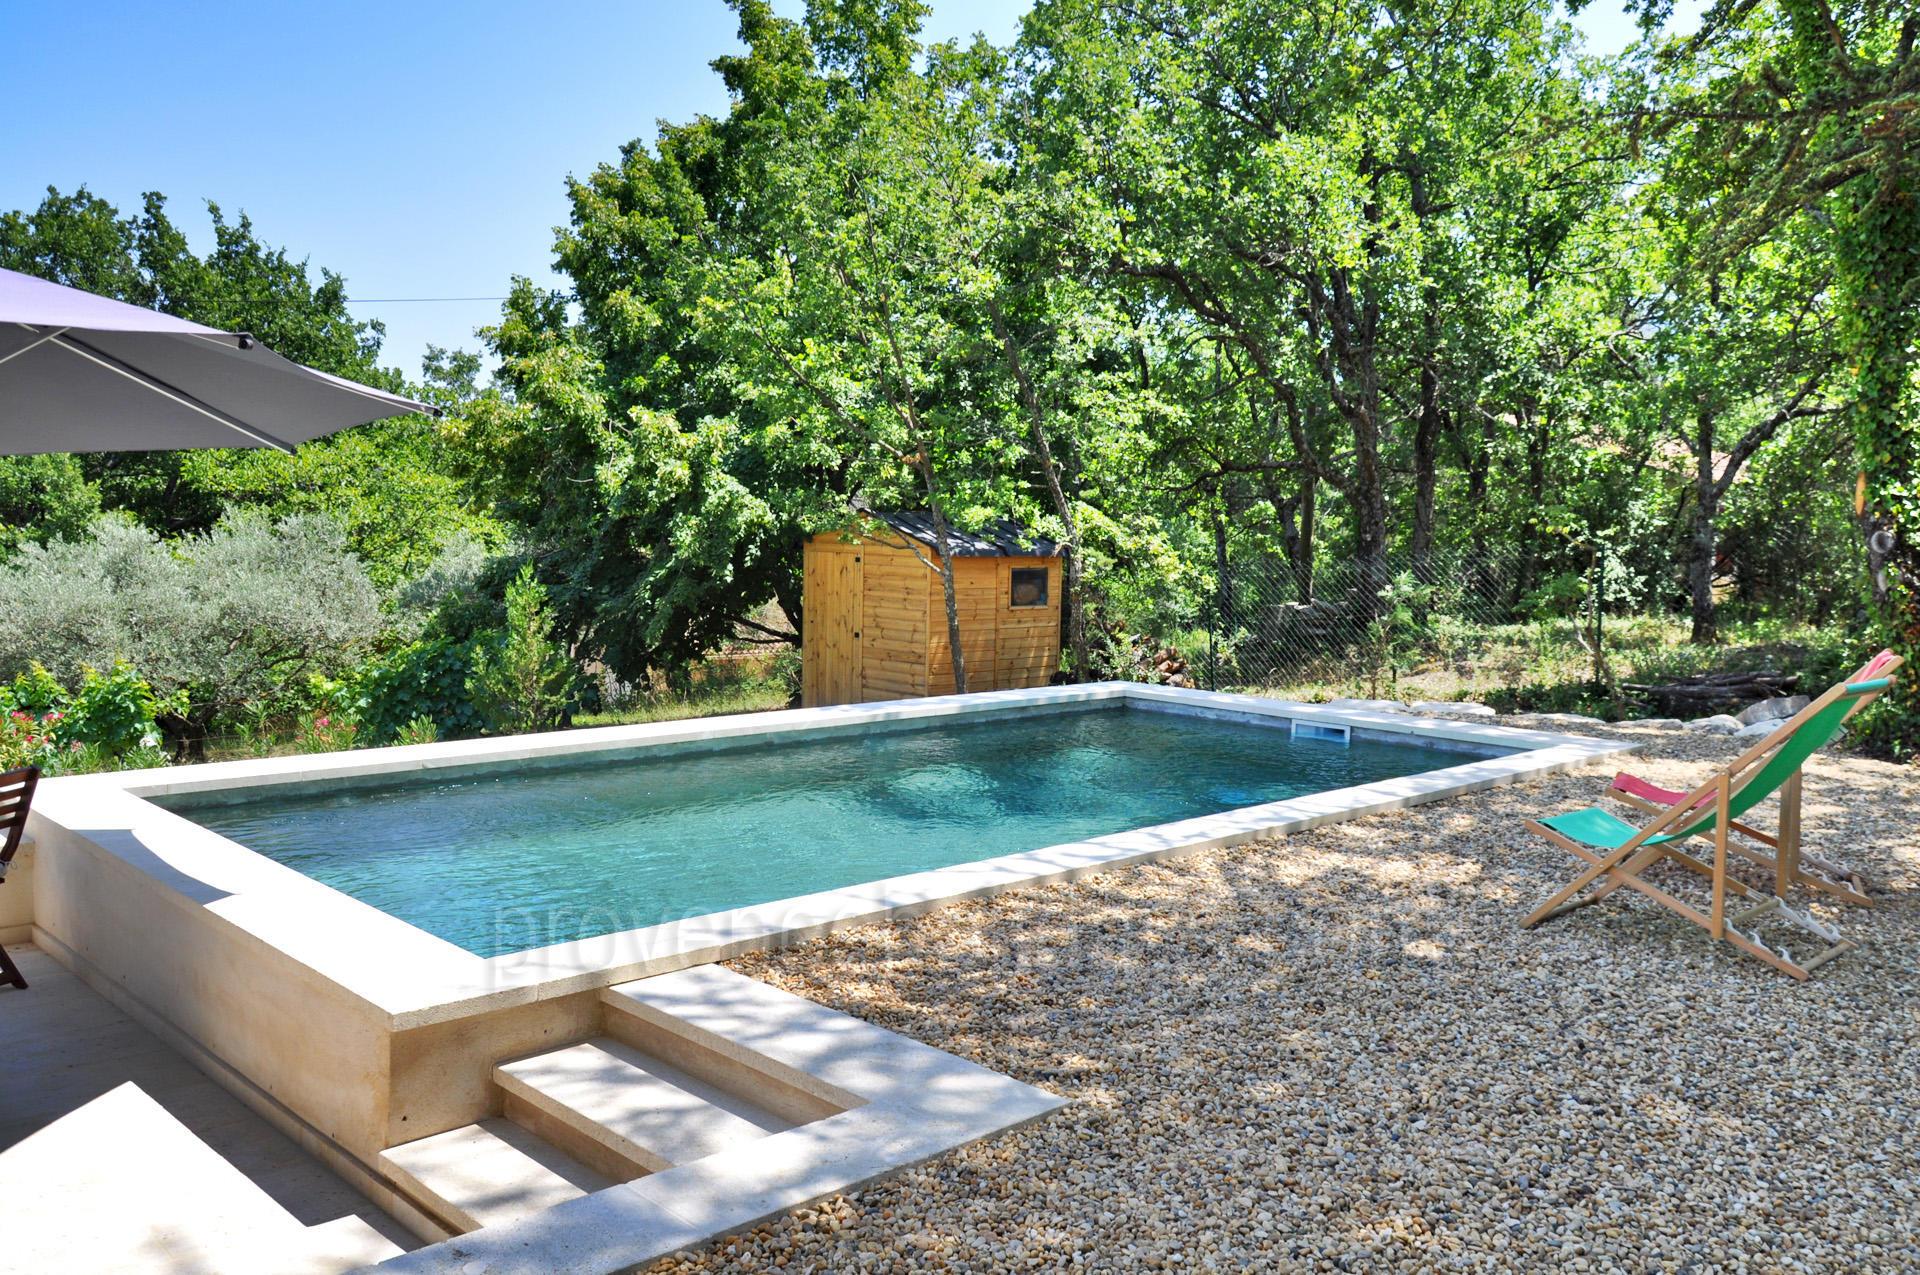 Location saisonni re lacoste g te luberon provence - Gite de france luberon avec piscine ...